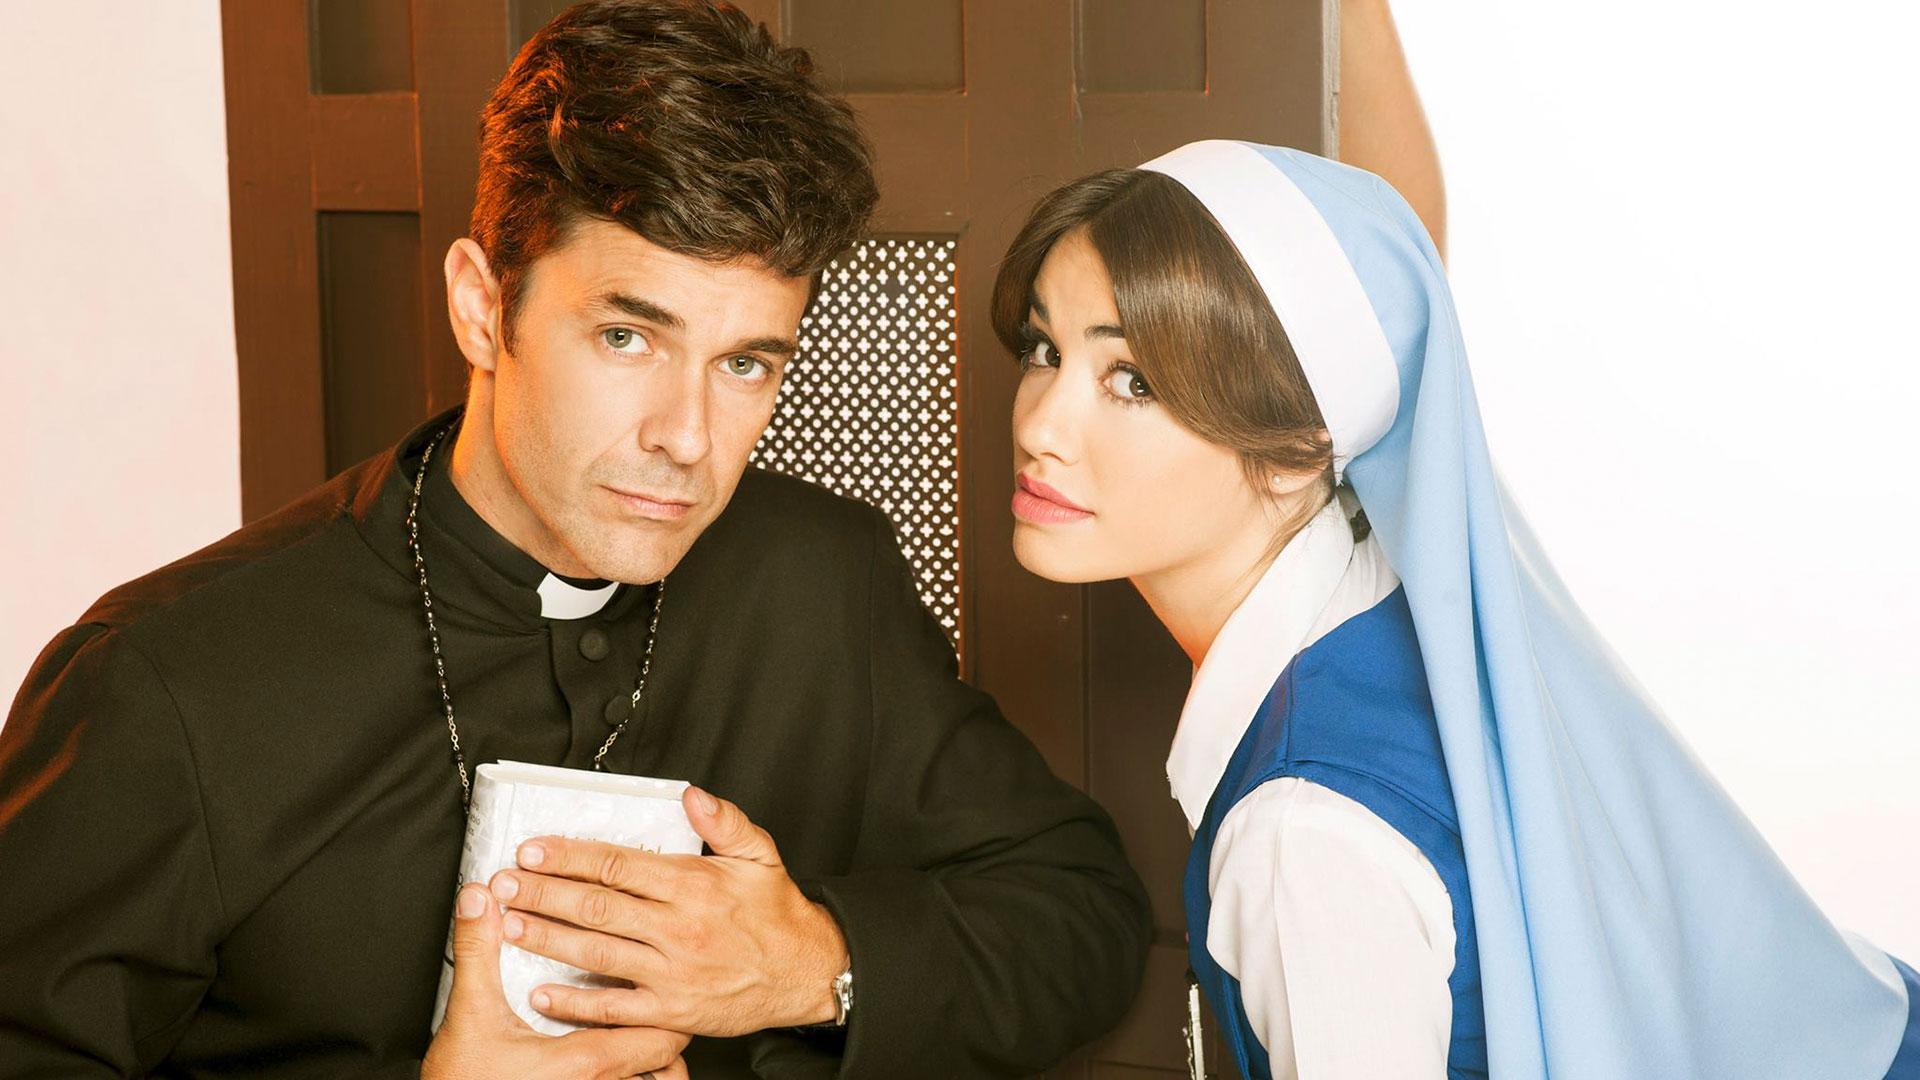 Junto a Mariano Martínez, su pareja en la ficción y luego también en la realidad (Crédito de Foto: NA)